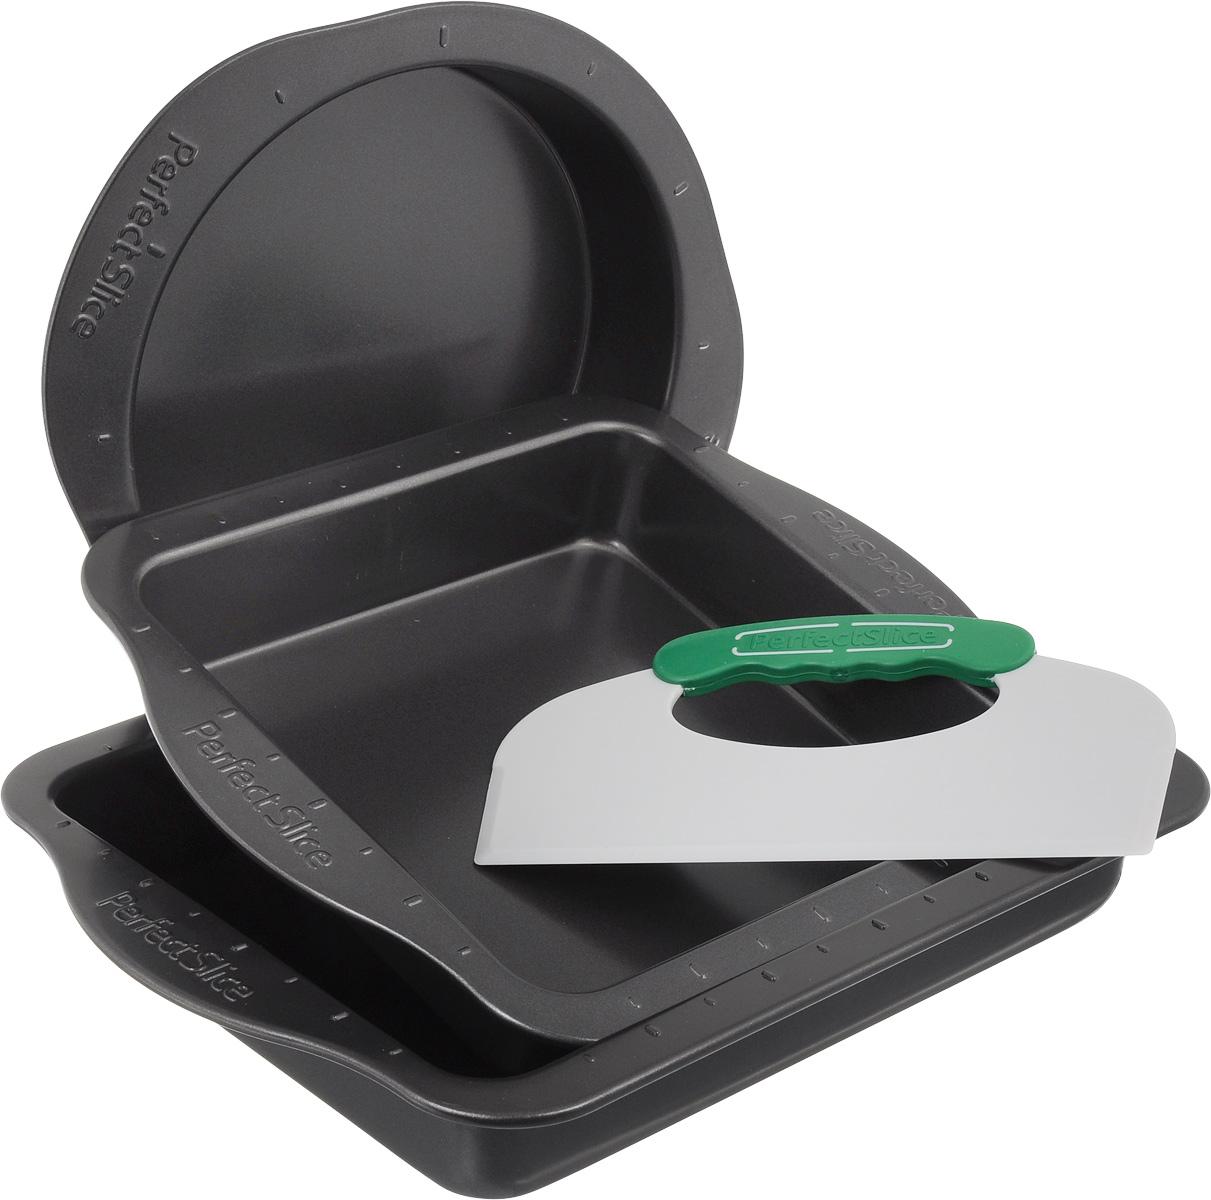 Набор для выпечки BergHOFF Perfect Slice, 4 предмета68/5/3Набор для выпечки BergHOFF Perfect Slice состоит из противня, круглой формы, квадратной формы и инструмента для нарезания. Изделия выполнены из высокоуглеродистой стали с антипригарным покрытием. Благодаря такому покрытию пища не пригорает, не прилипает и легко вынимается. Специальная разметка и пластиковый инструмент для нарезания с прорезиненными ручками позволят разделить блюда на равные и красивые порции. Эргономичные ручки на посуде выполнены для безопасного и легкого хвата, даже в рукавицах. Формы и противень выдерживают температуру до 250°C. Такой набор станет верным помощником в создании ваших кулинарных шедевров.Подходит для использования в духовом шкафу. Можно мыть в посудомоечной машине. Внутренний диаметр круглой формы: 22 см. Ширина круглой формы (с учетом ручек): 30 см. Высота стенки круглой формы: 5 см.Внутренний размер квадратной формы: 22,5 х 22,5 см.Ширина квадратной формы (с учетом ручек): 30 см. Высота стенки квадратной формы: 5 см.Внутренний размер противня: 29 х 22,5 см. Ширина противня (с учетом ручек): 36 см. Высота стенки противня: 5 см.Размер инструмента для нарезания: 22,5 х 12,5 см.